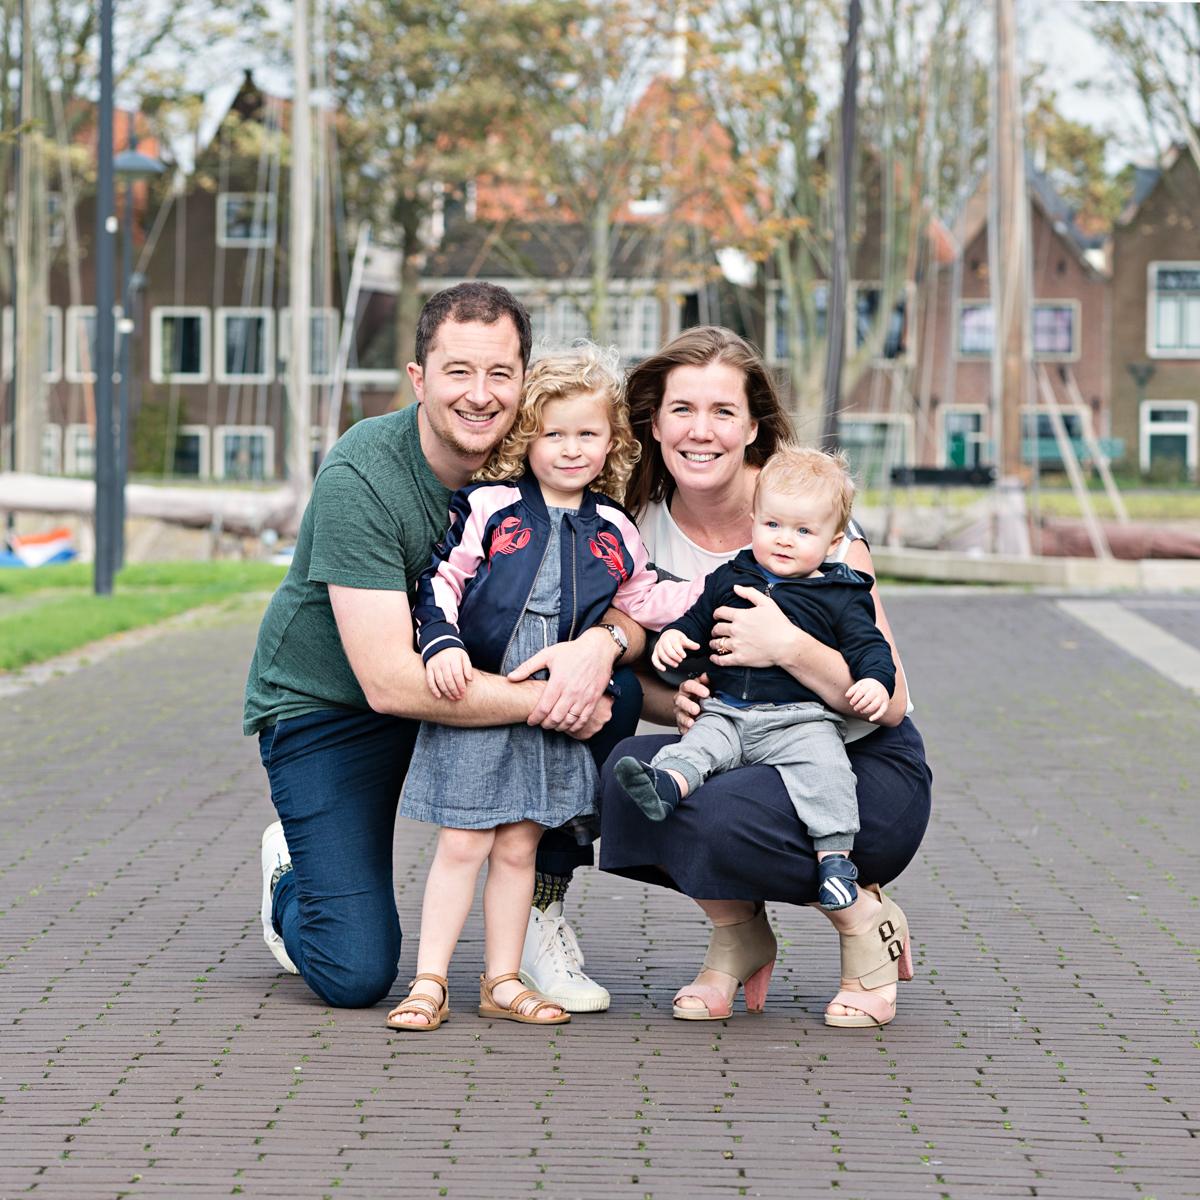 kleding familie fotoshoot blauw